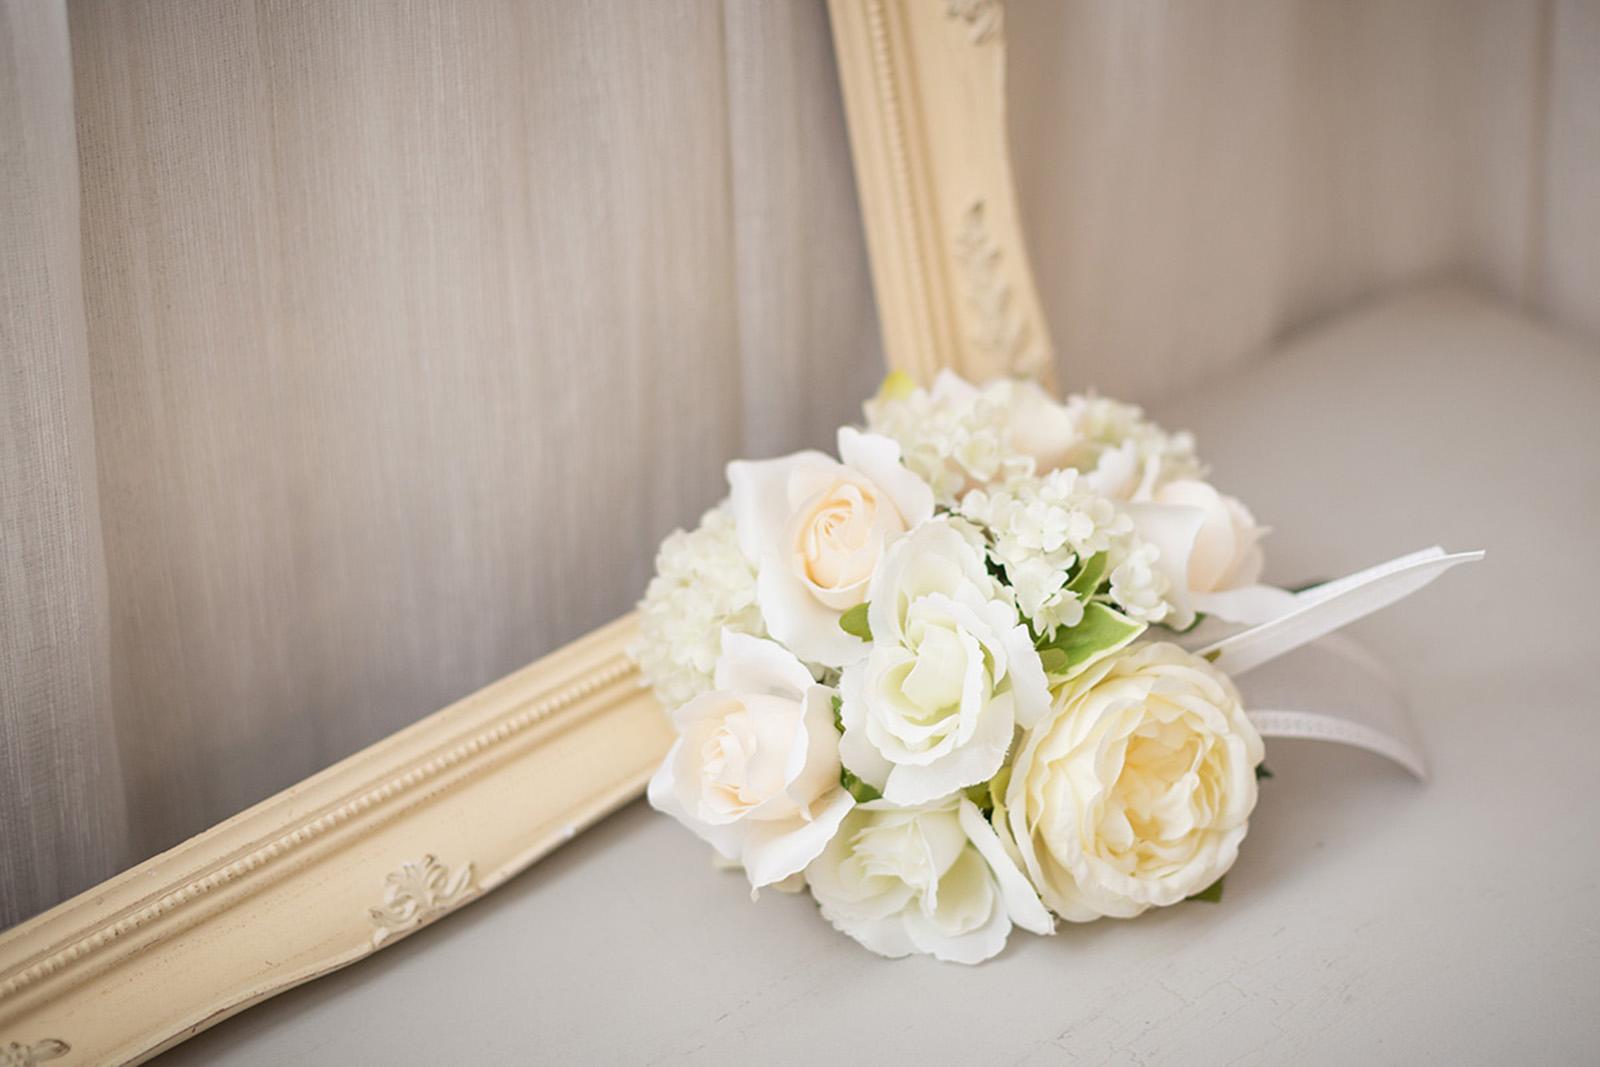 ブーケ 造花 オフホワイト 花束 挙式 チャペル 色直し 披露宴 花嫁 ブーケトス ブライダルブーケ ウェディングブーケ ウエディングブーケ ウェディング ウエディング オフホワイト ブライダル